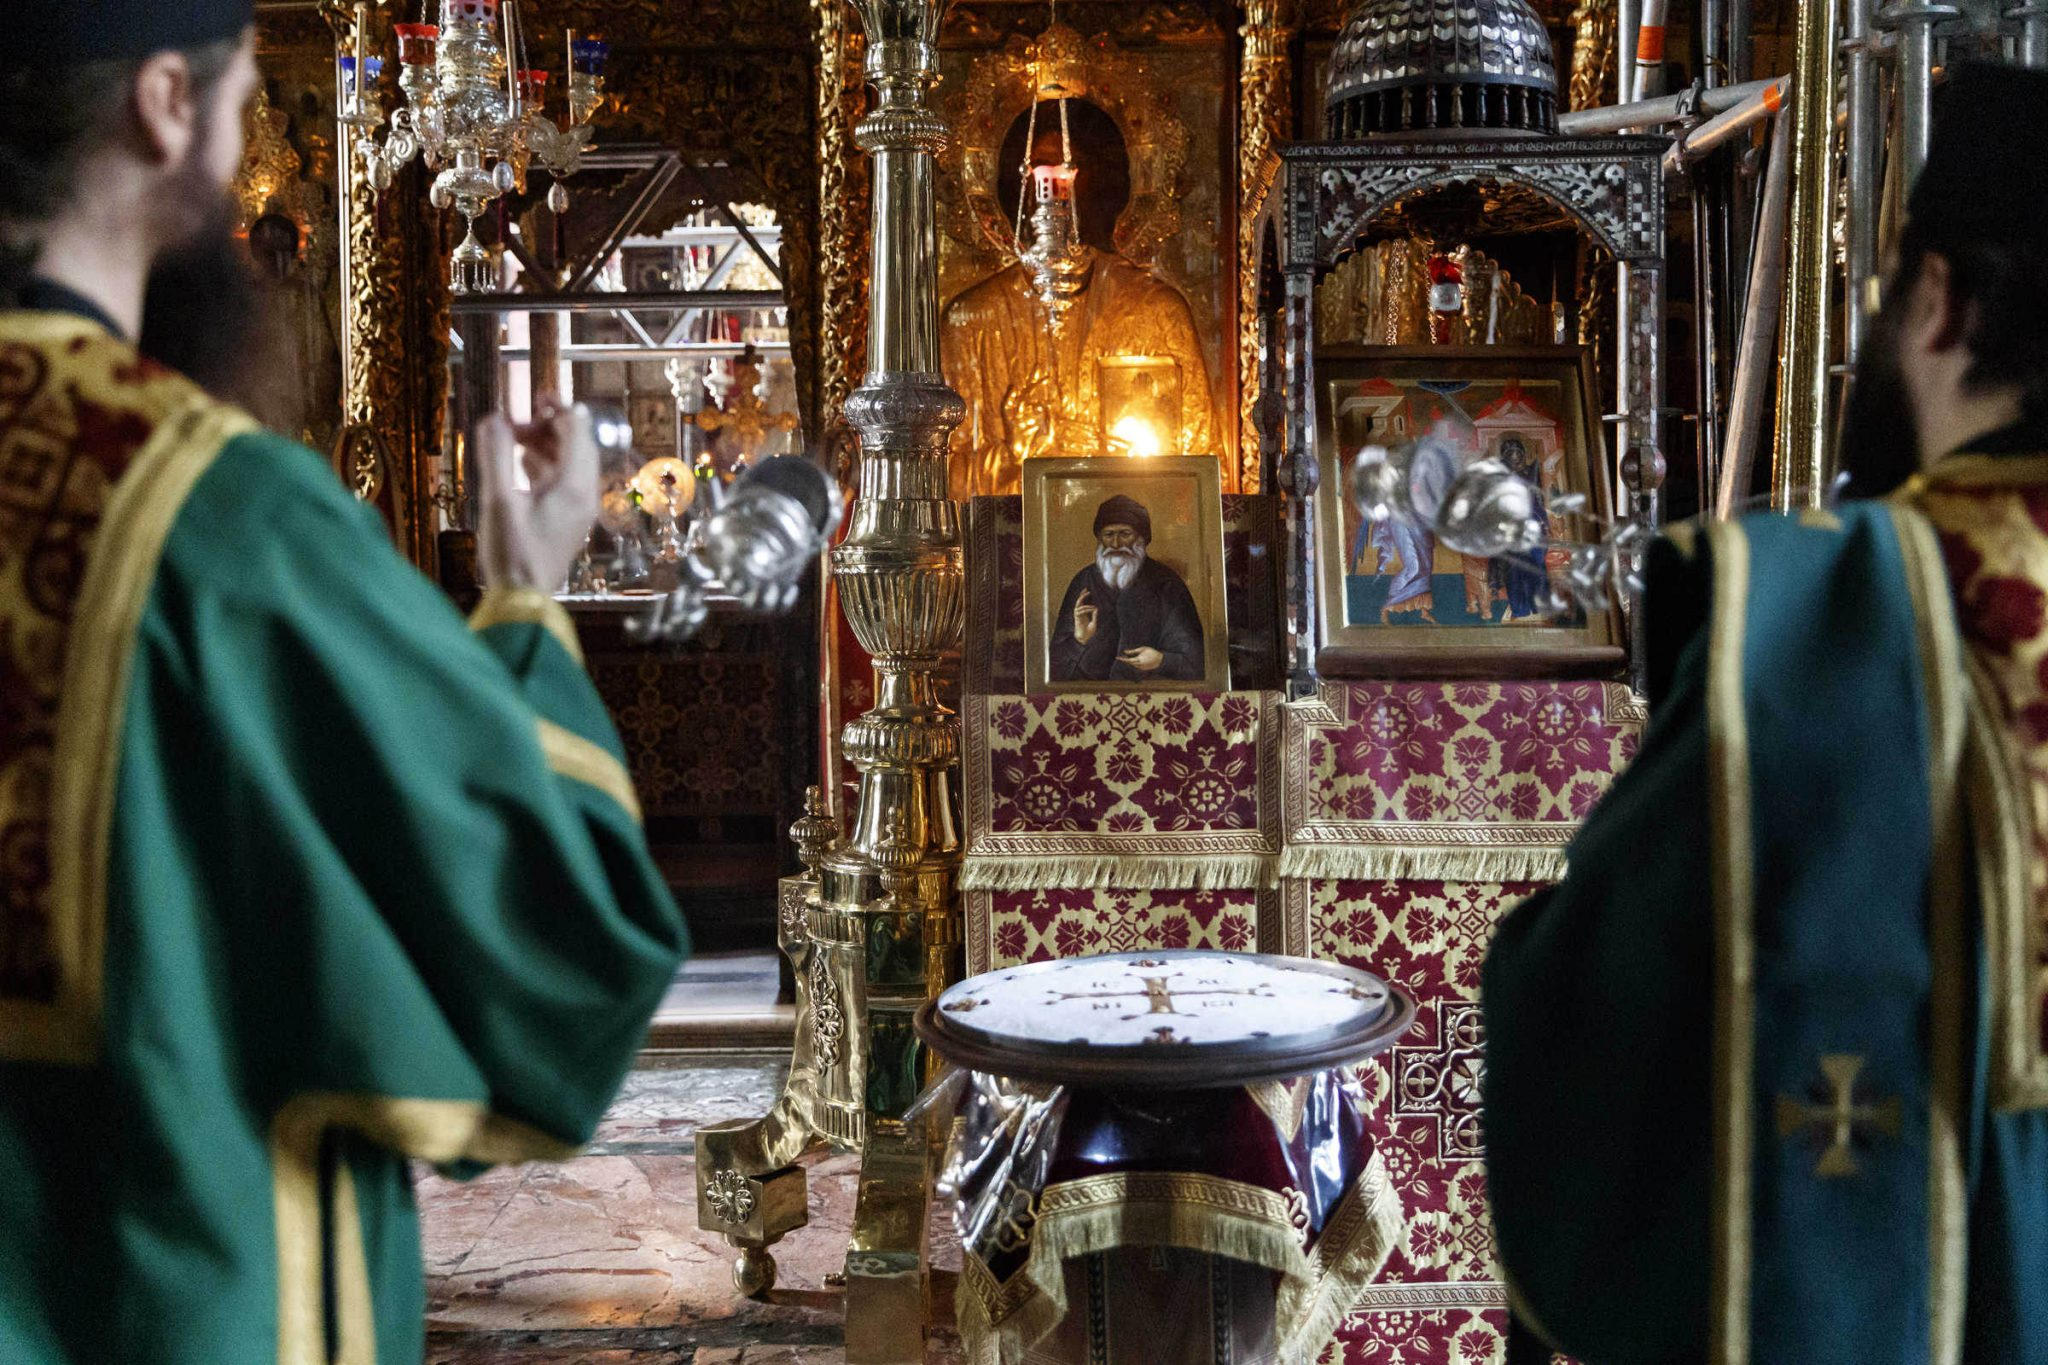 The testament of Saint Porphyriros: a proof of his humbleness